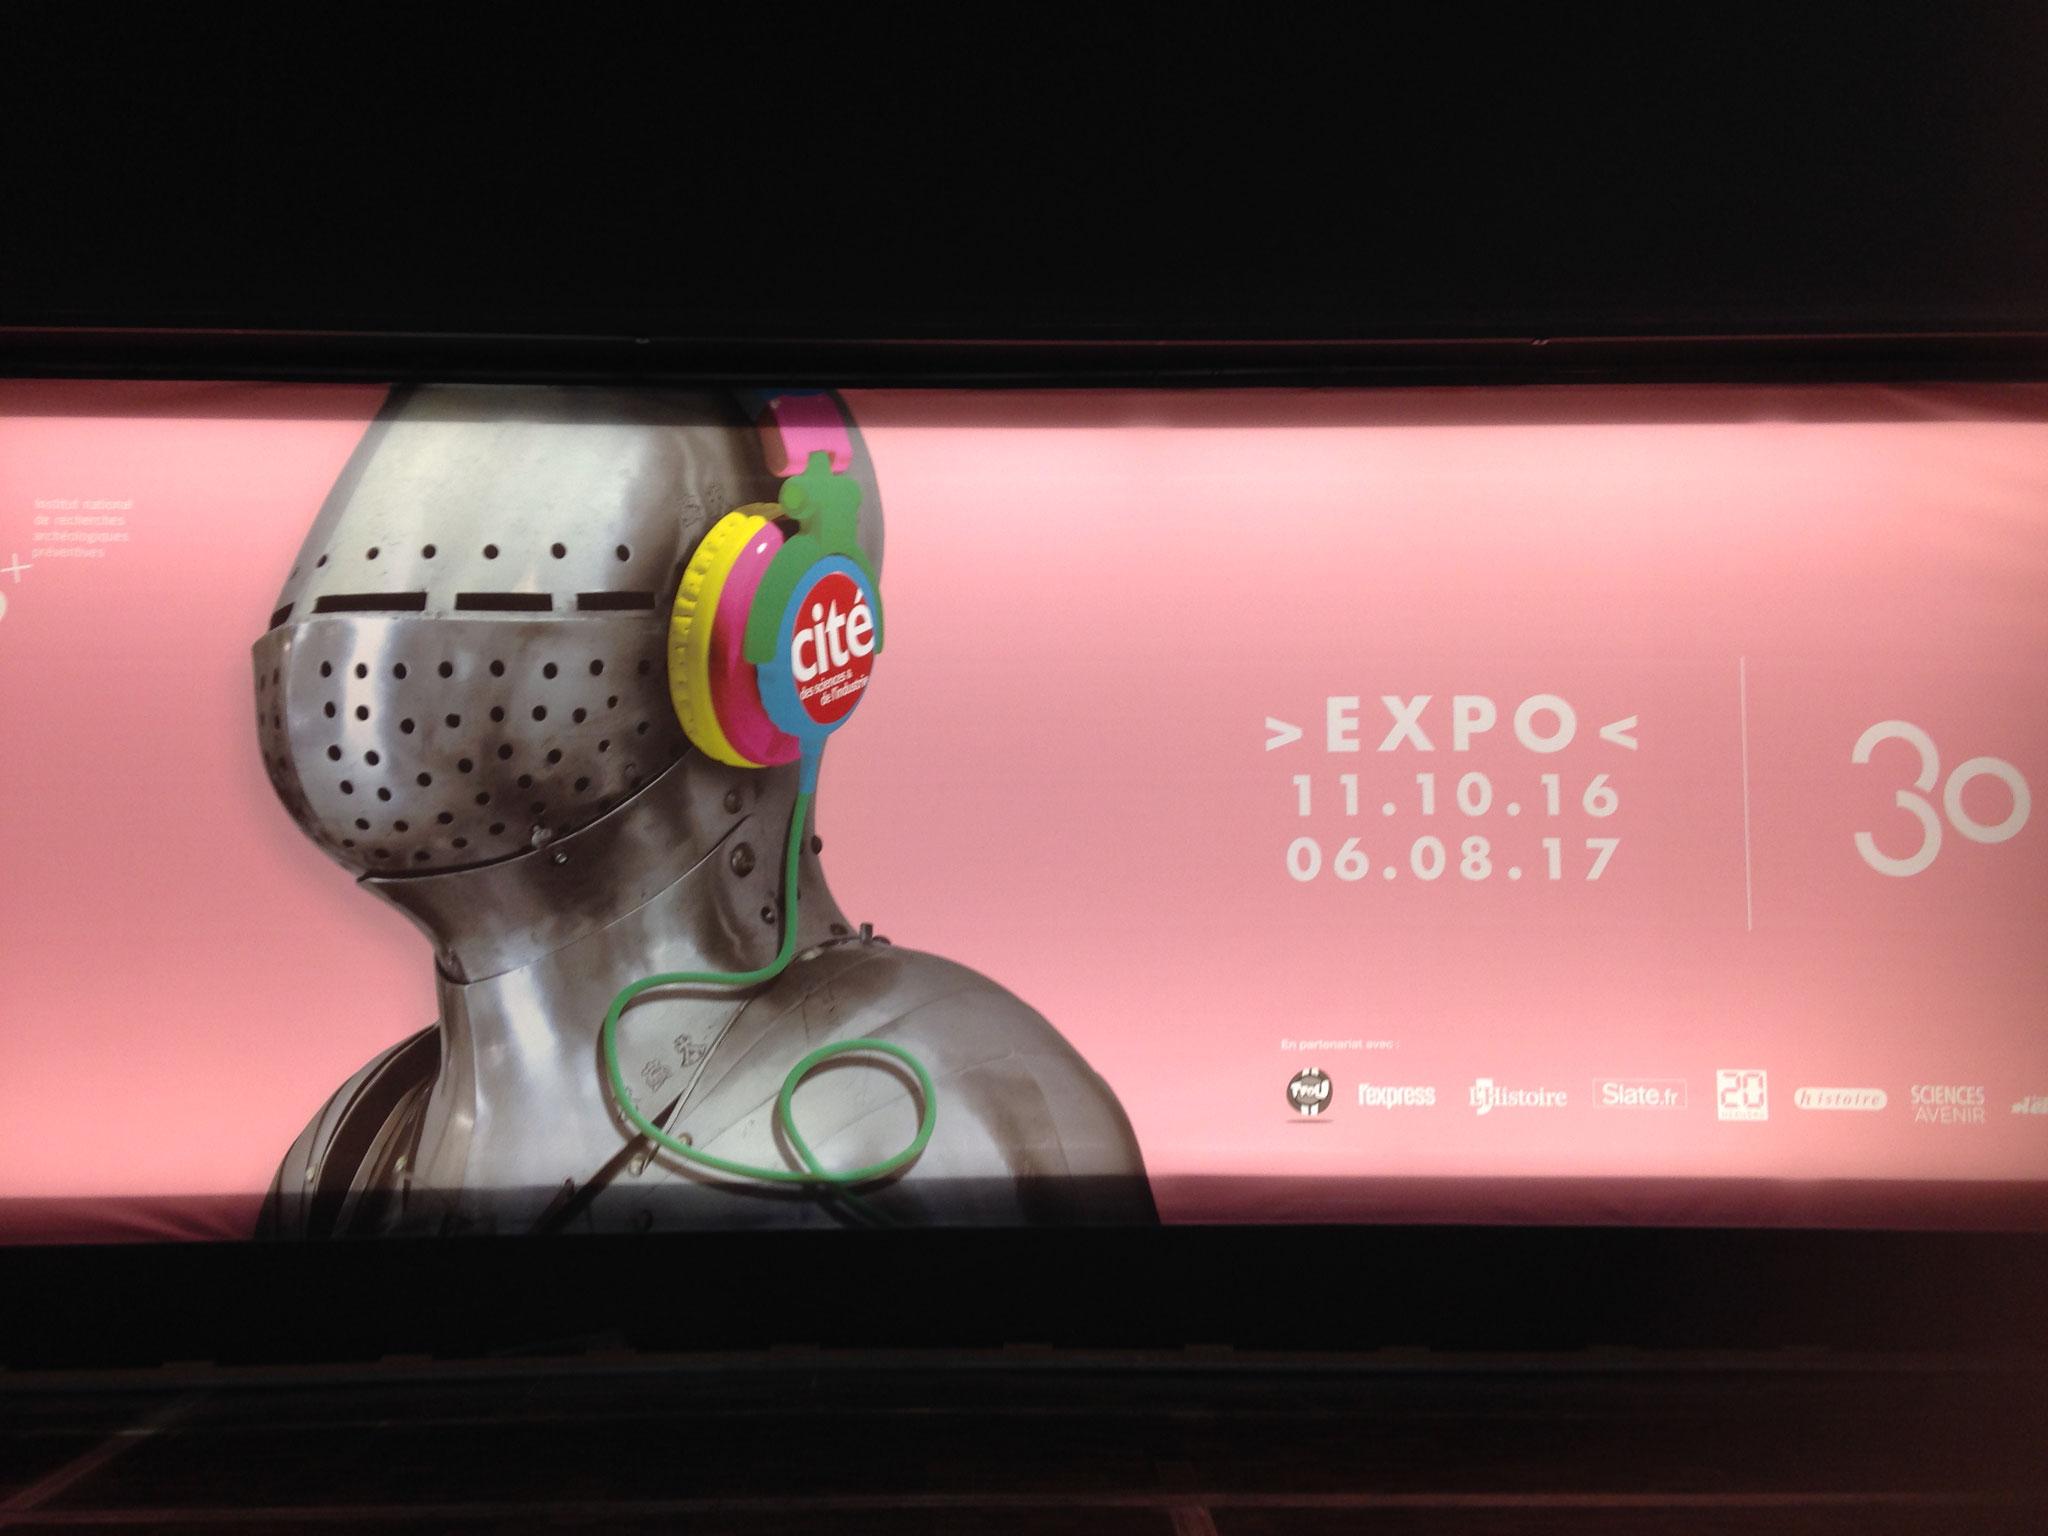 """""""Quoi de neuf au Moyen Âge"""",  une exposition à la cité des sciences et de l'industrie de Paris jusqu'au 6 août 2017"""